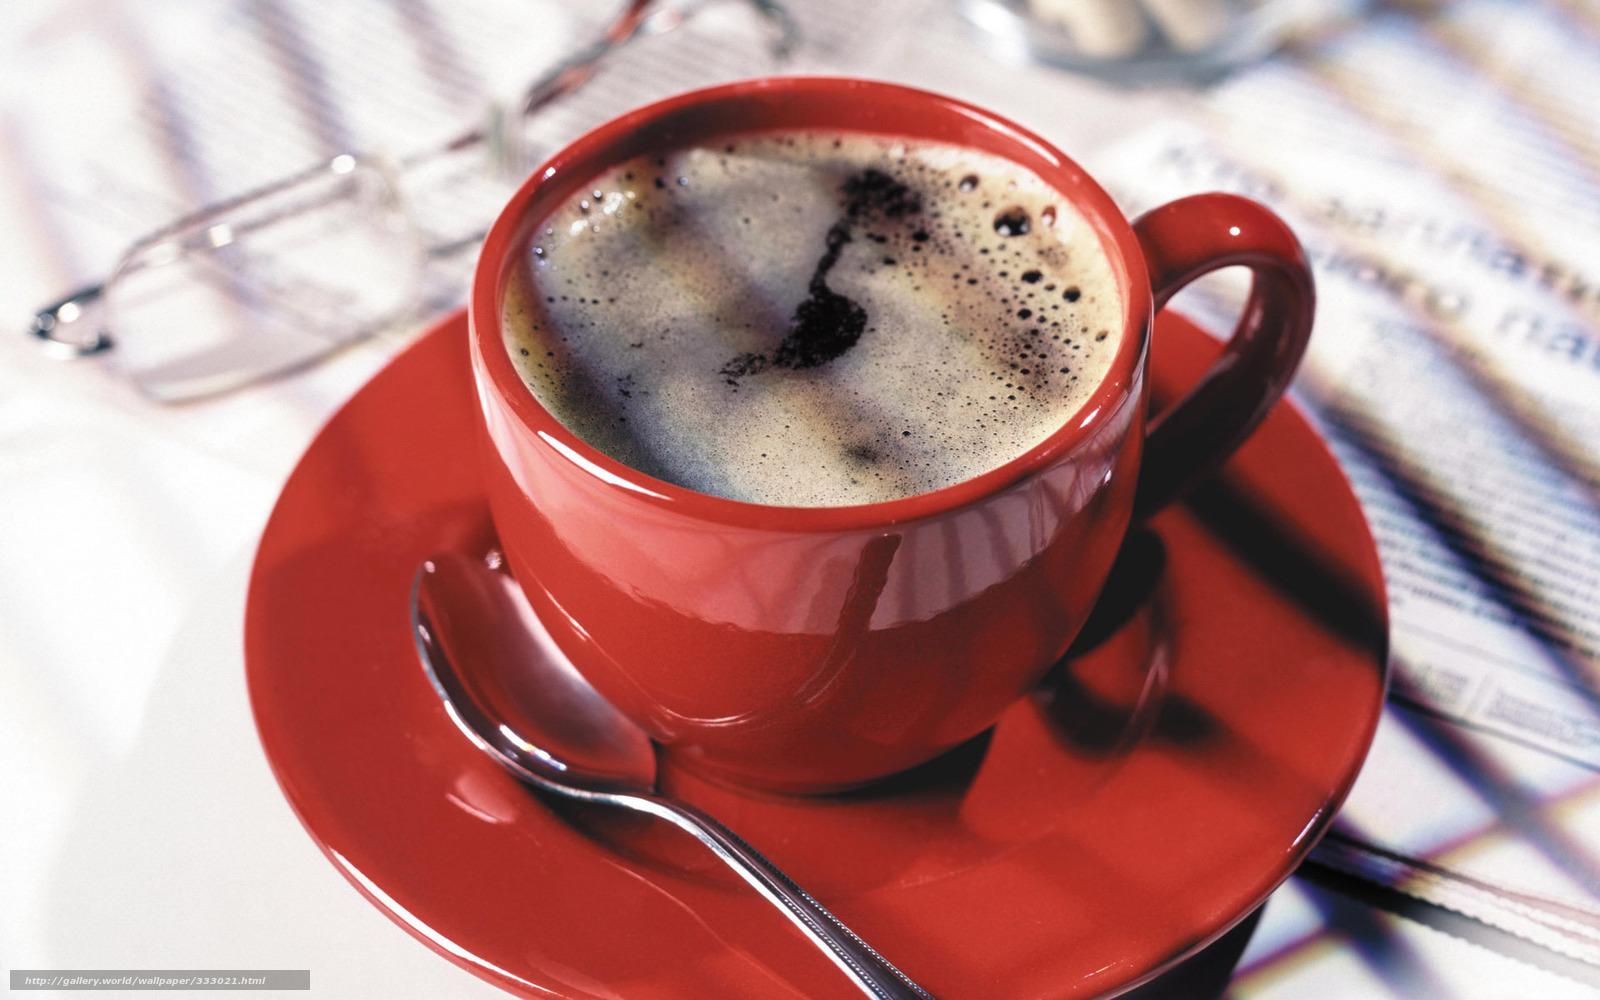 Две чашки кофе фото двух кружек любимого напитка